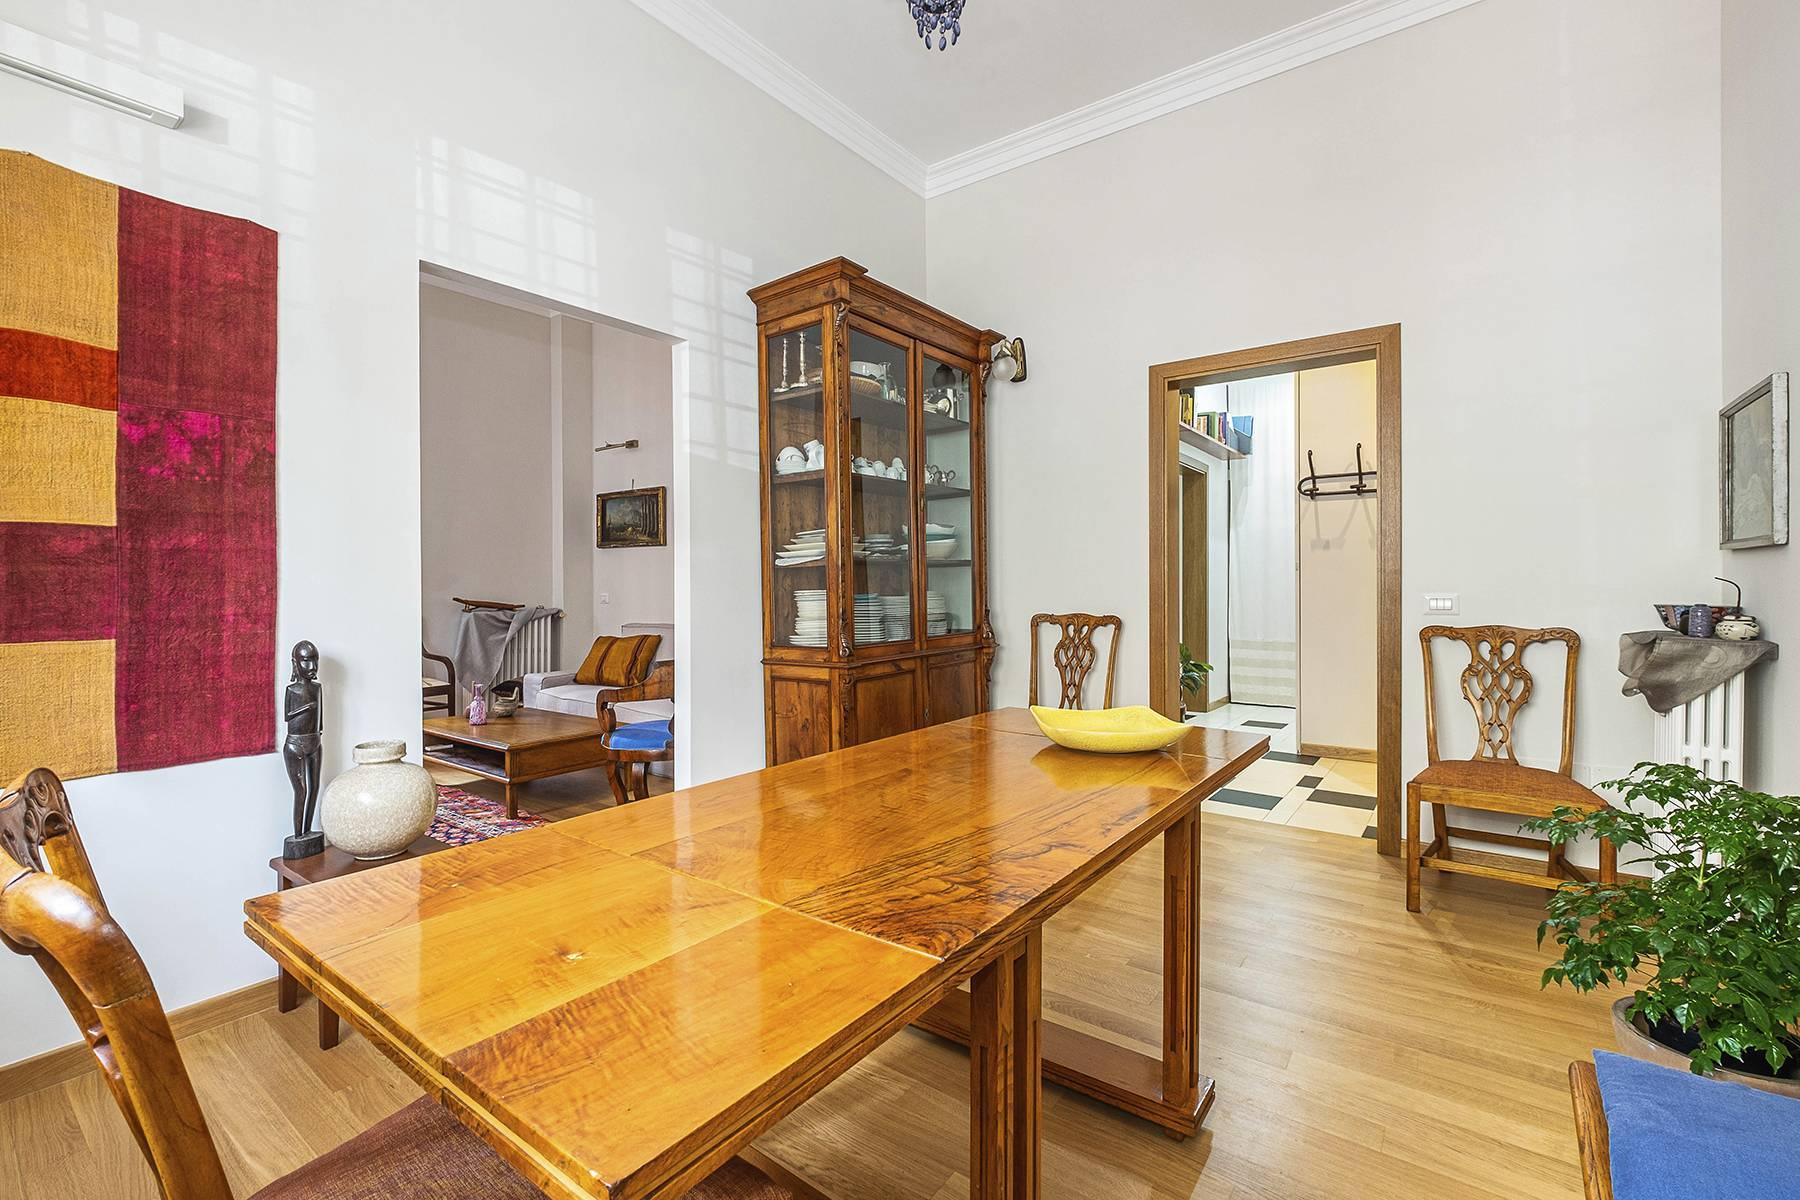 Appartamento in Vendita a Roma: 4 locali, 115 mq - Foto 4